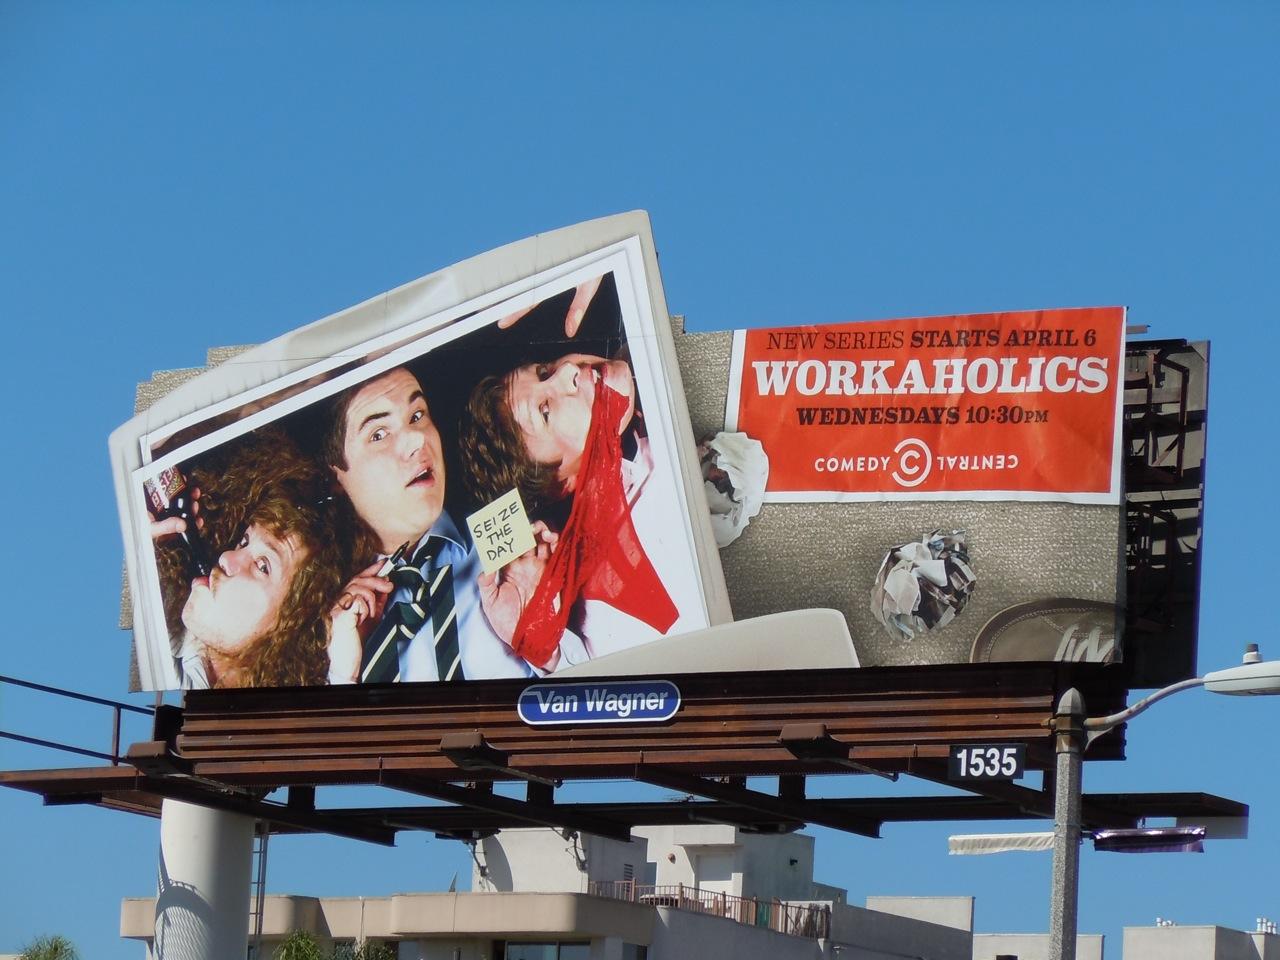 http://1.bp.blogspot.com/-vB3YcWEMUDg/TZoSvIgcKsI/AAAAAAAAbB4/reMZTvl6GT0/s1600/workaholics%2BTV%2Bbillboard.jpg